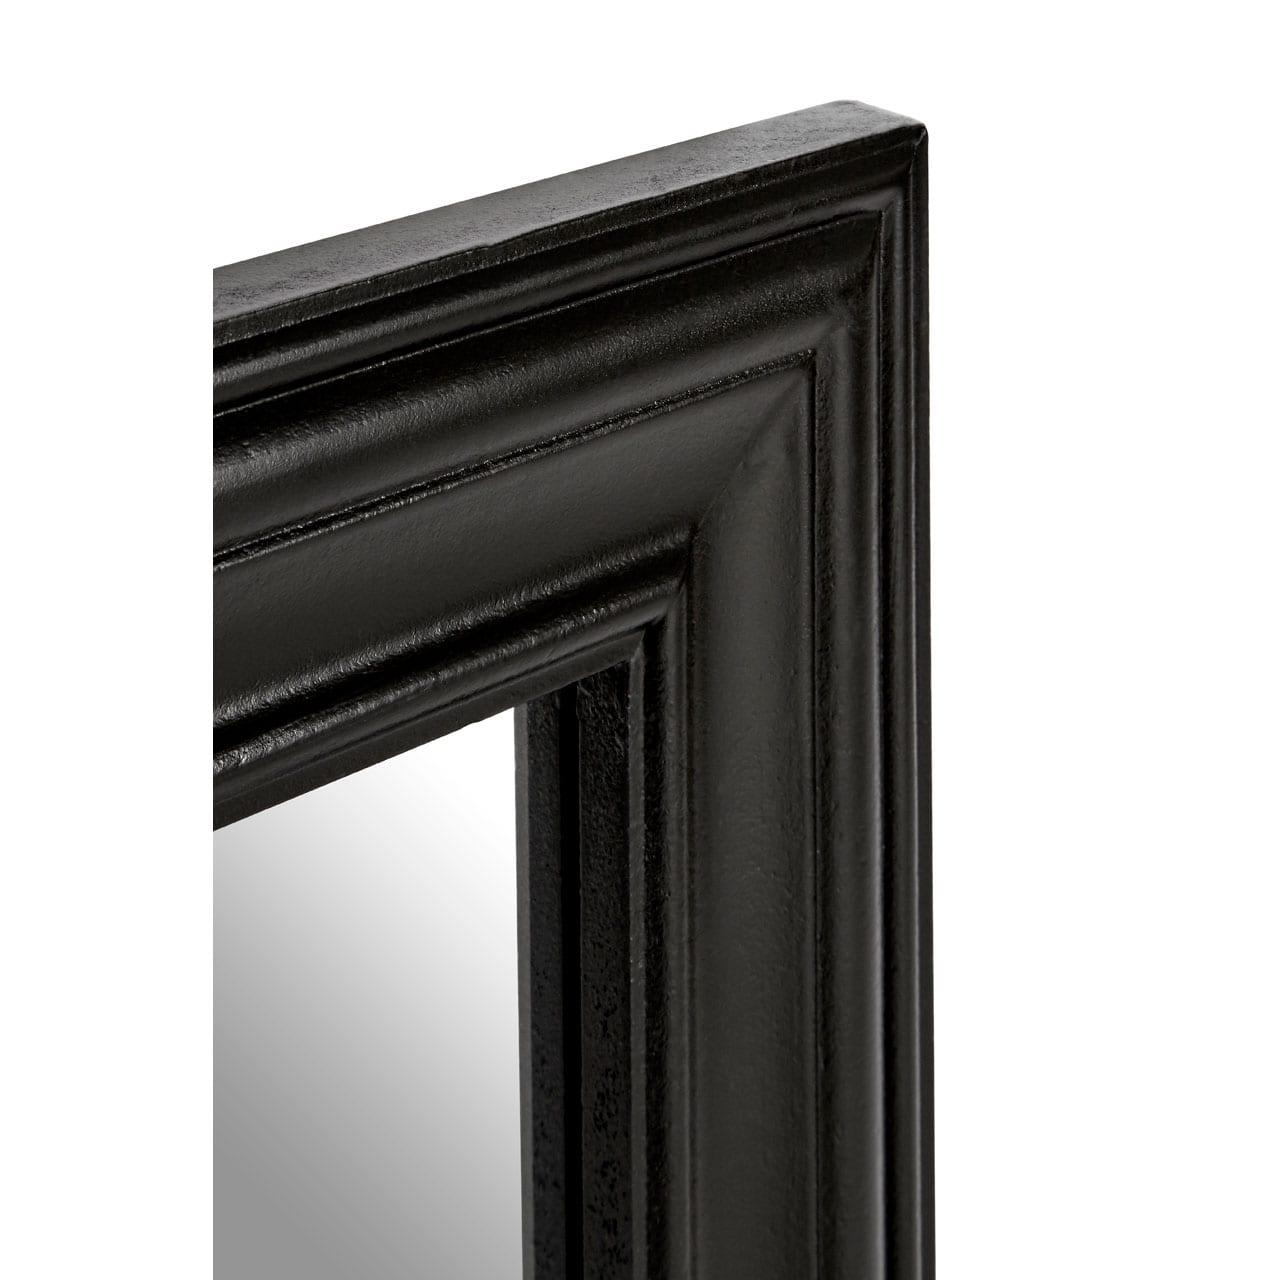 Regatta Black Wooden Framed Wall Mirror